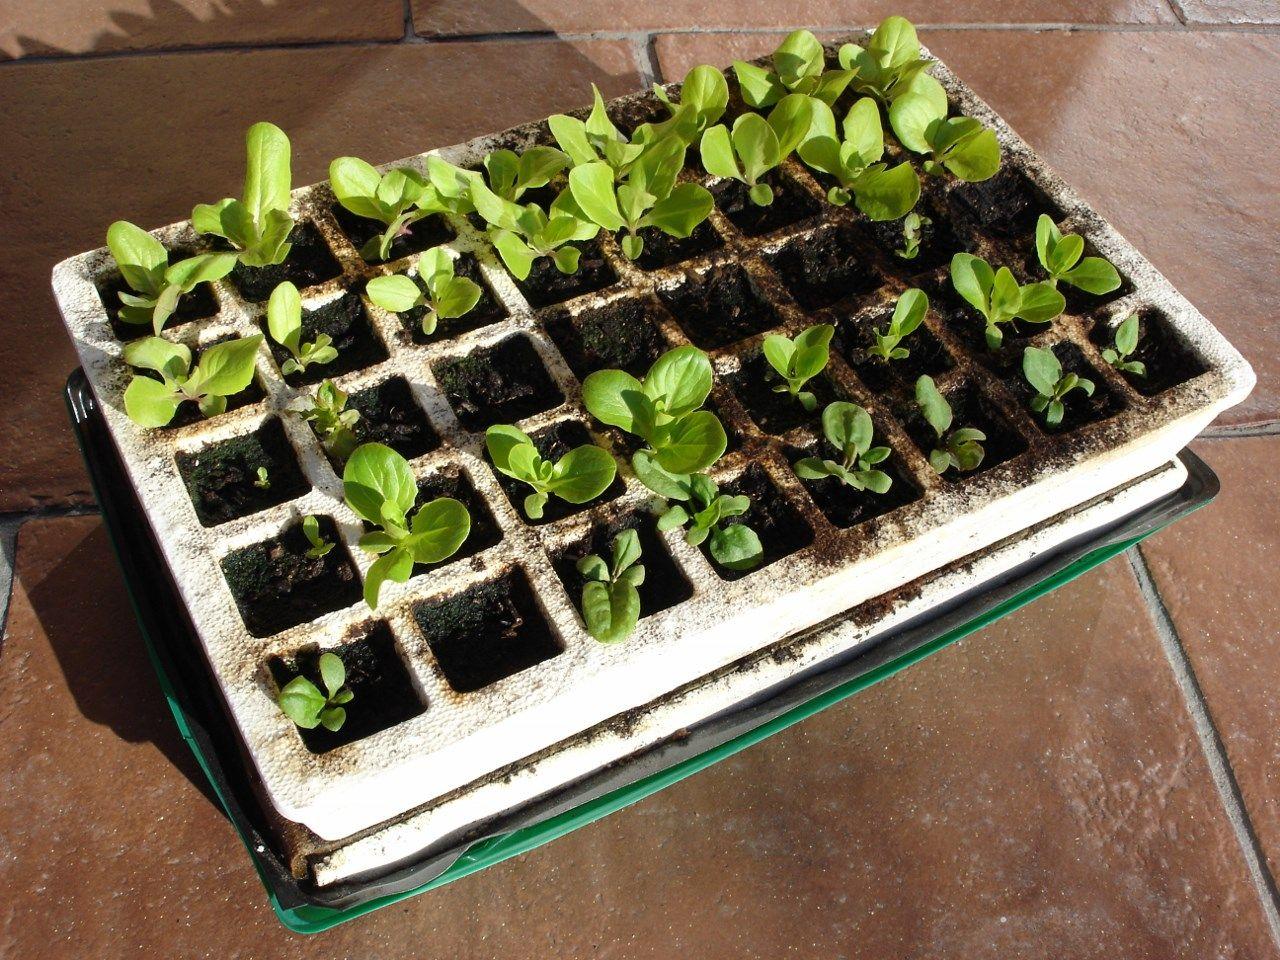 Quoi Planter Dans Une Terre Argileuse semis d'intérieur : 9 questions que vous m'avez posées